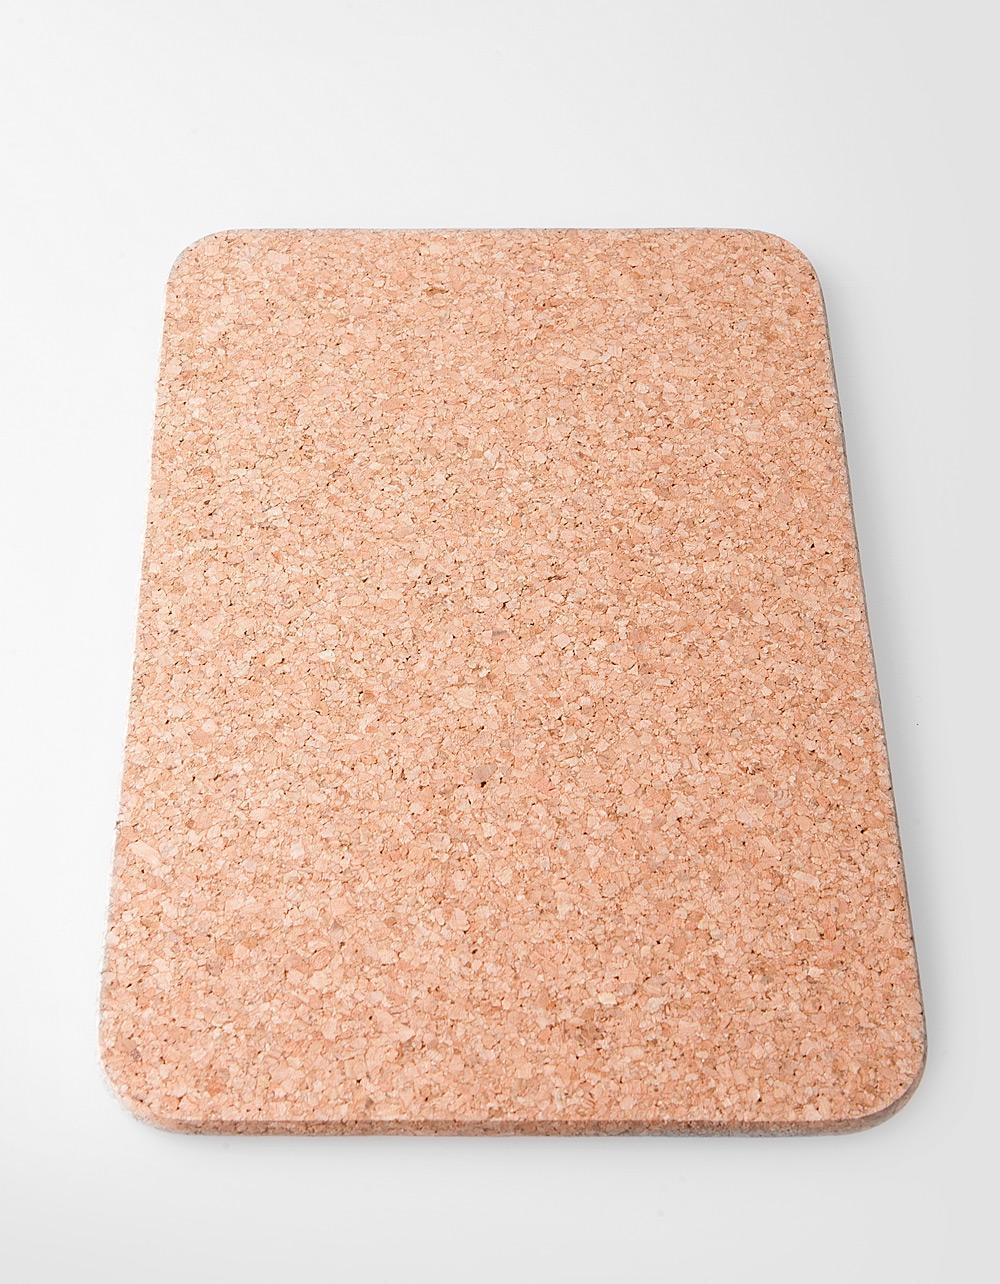 The Essential Ingredient Rectangular Cork Mat 20cm x 30cm x 1cm